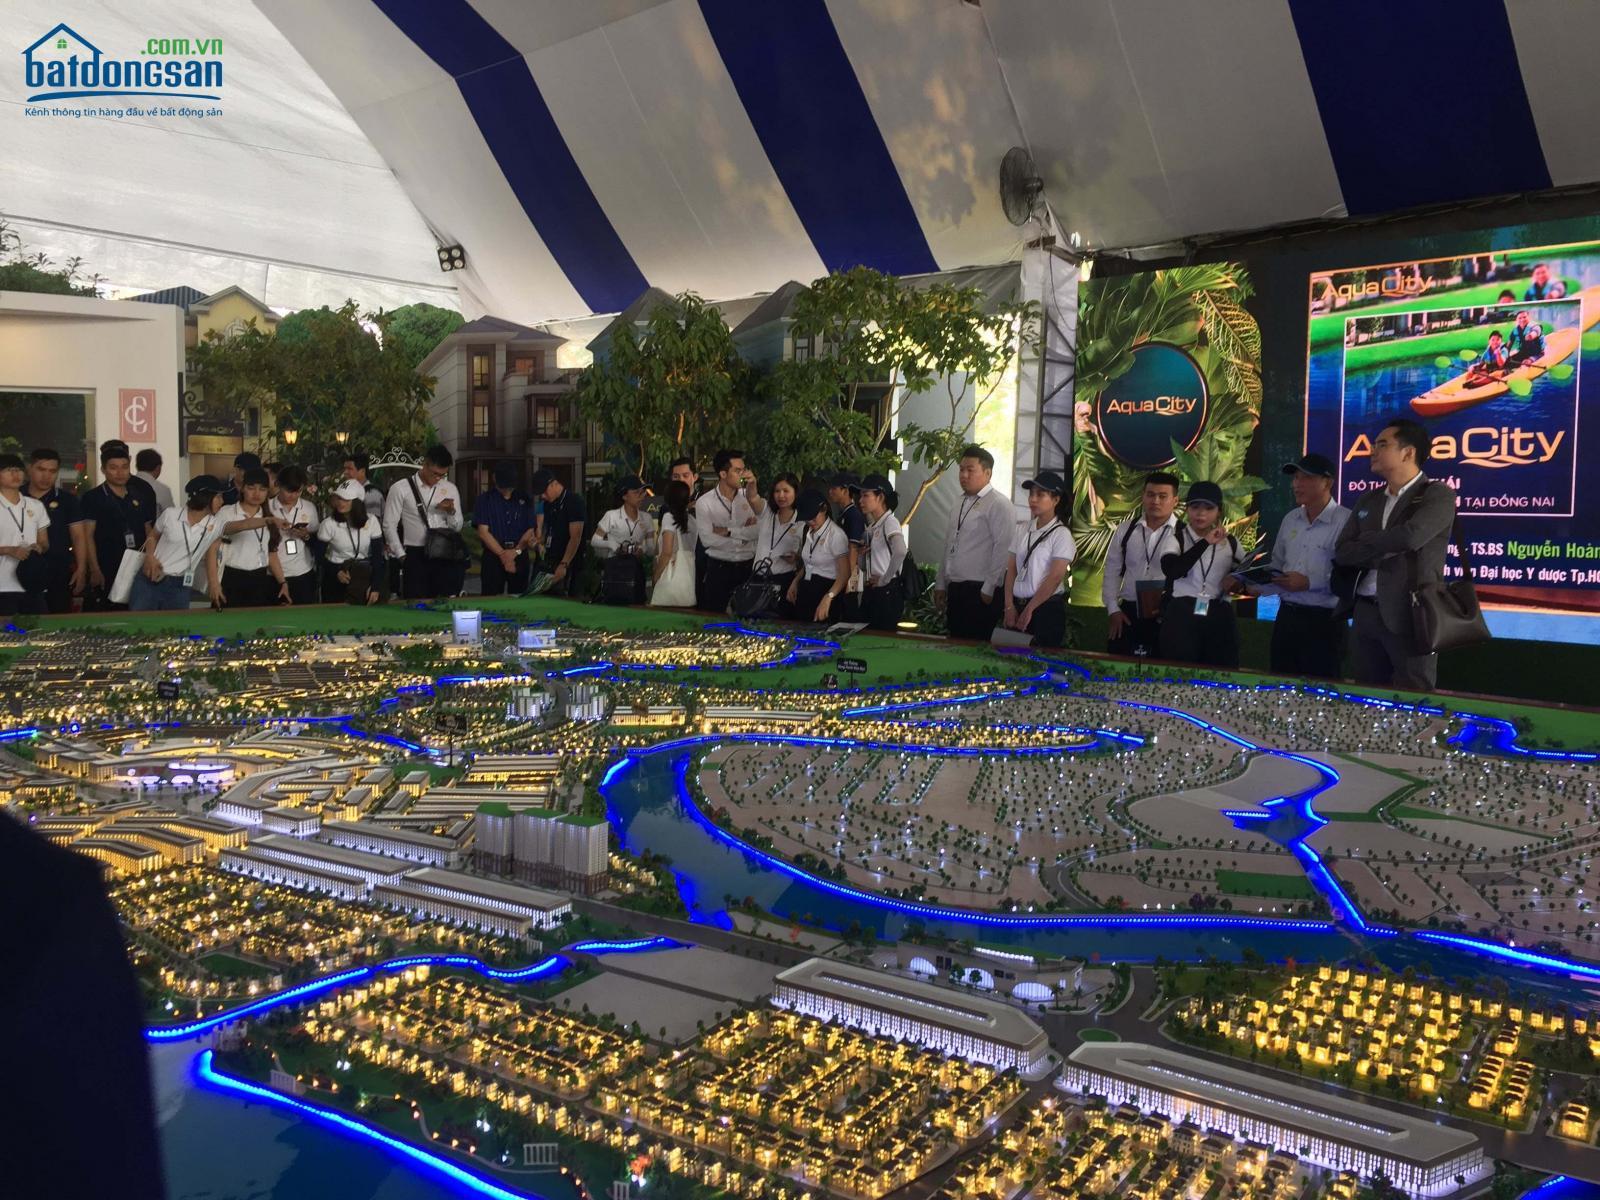 Sa bàn một dự án bất động sản lớn, gồm nhiều khu vực, xung quanh có rất nhiều người đứng xem.